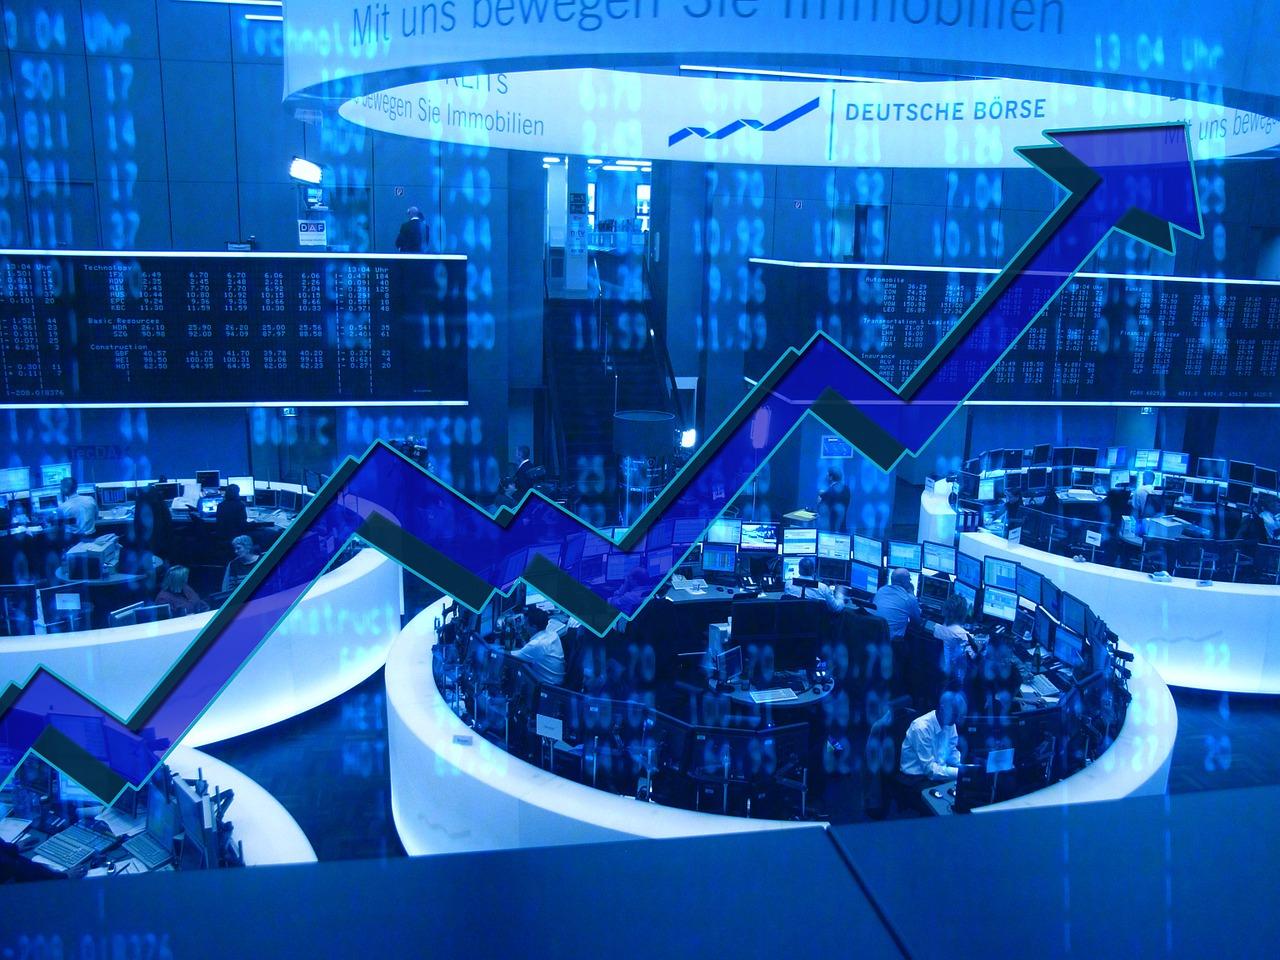 Qu'est-ce qui caractérise le marché financier ?